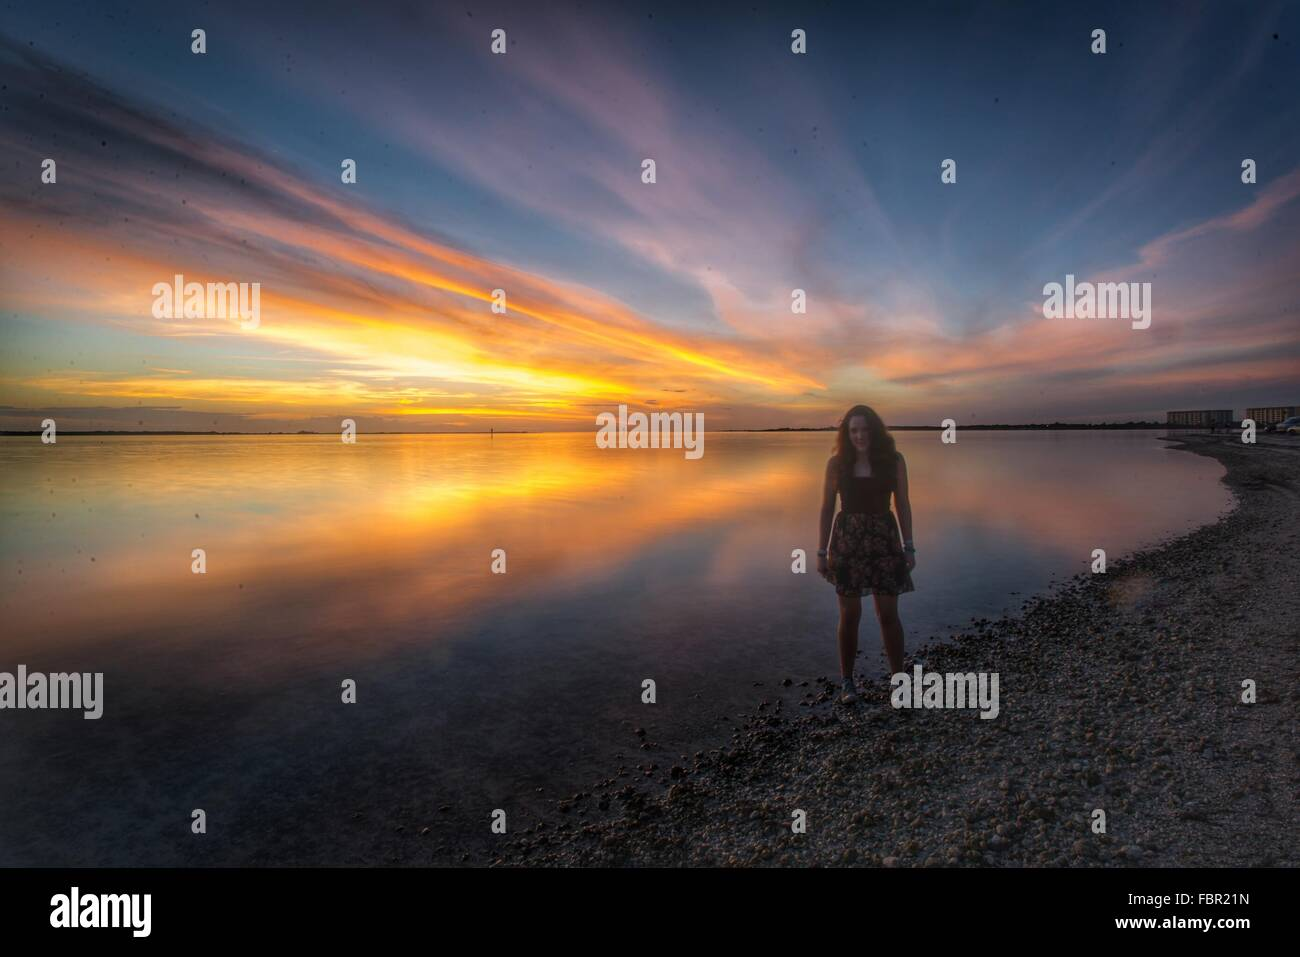 Gesamte Länge der Frau stehen am Strand in der Abenddämmerung Stockbild